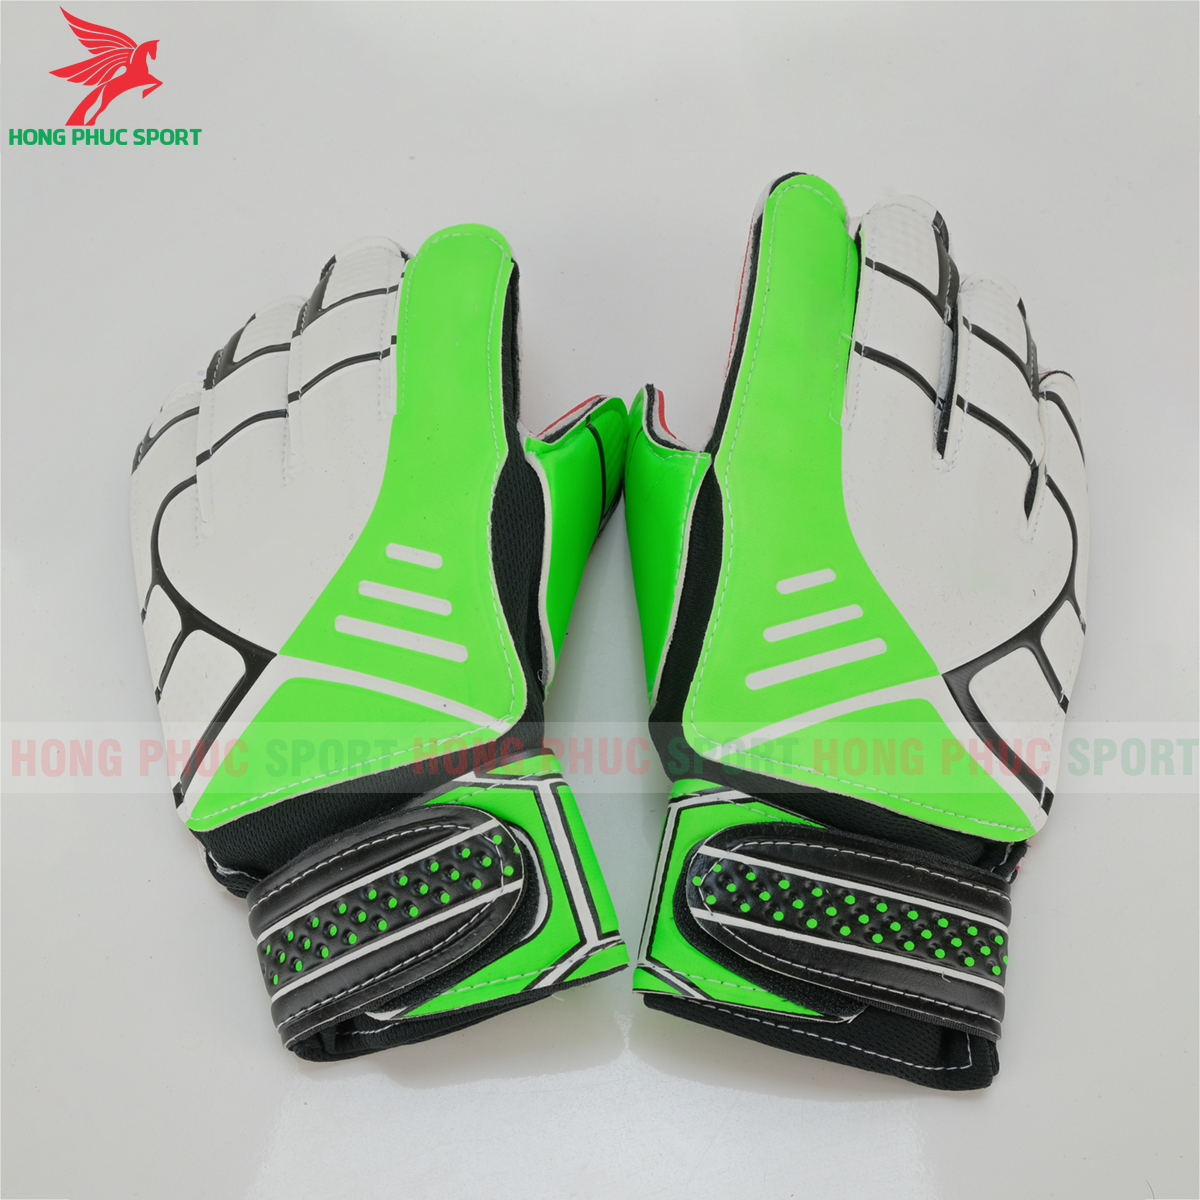 Găng tay thủ môn Adidas màu xanh lá (mẫu 2)